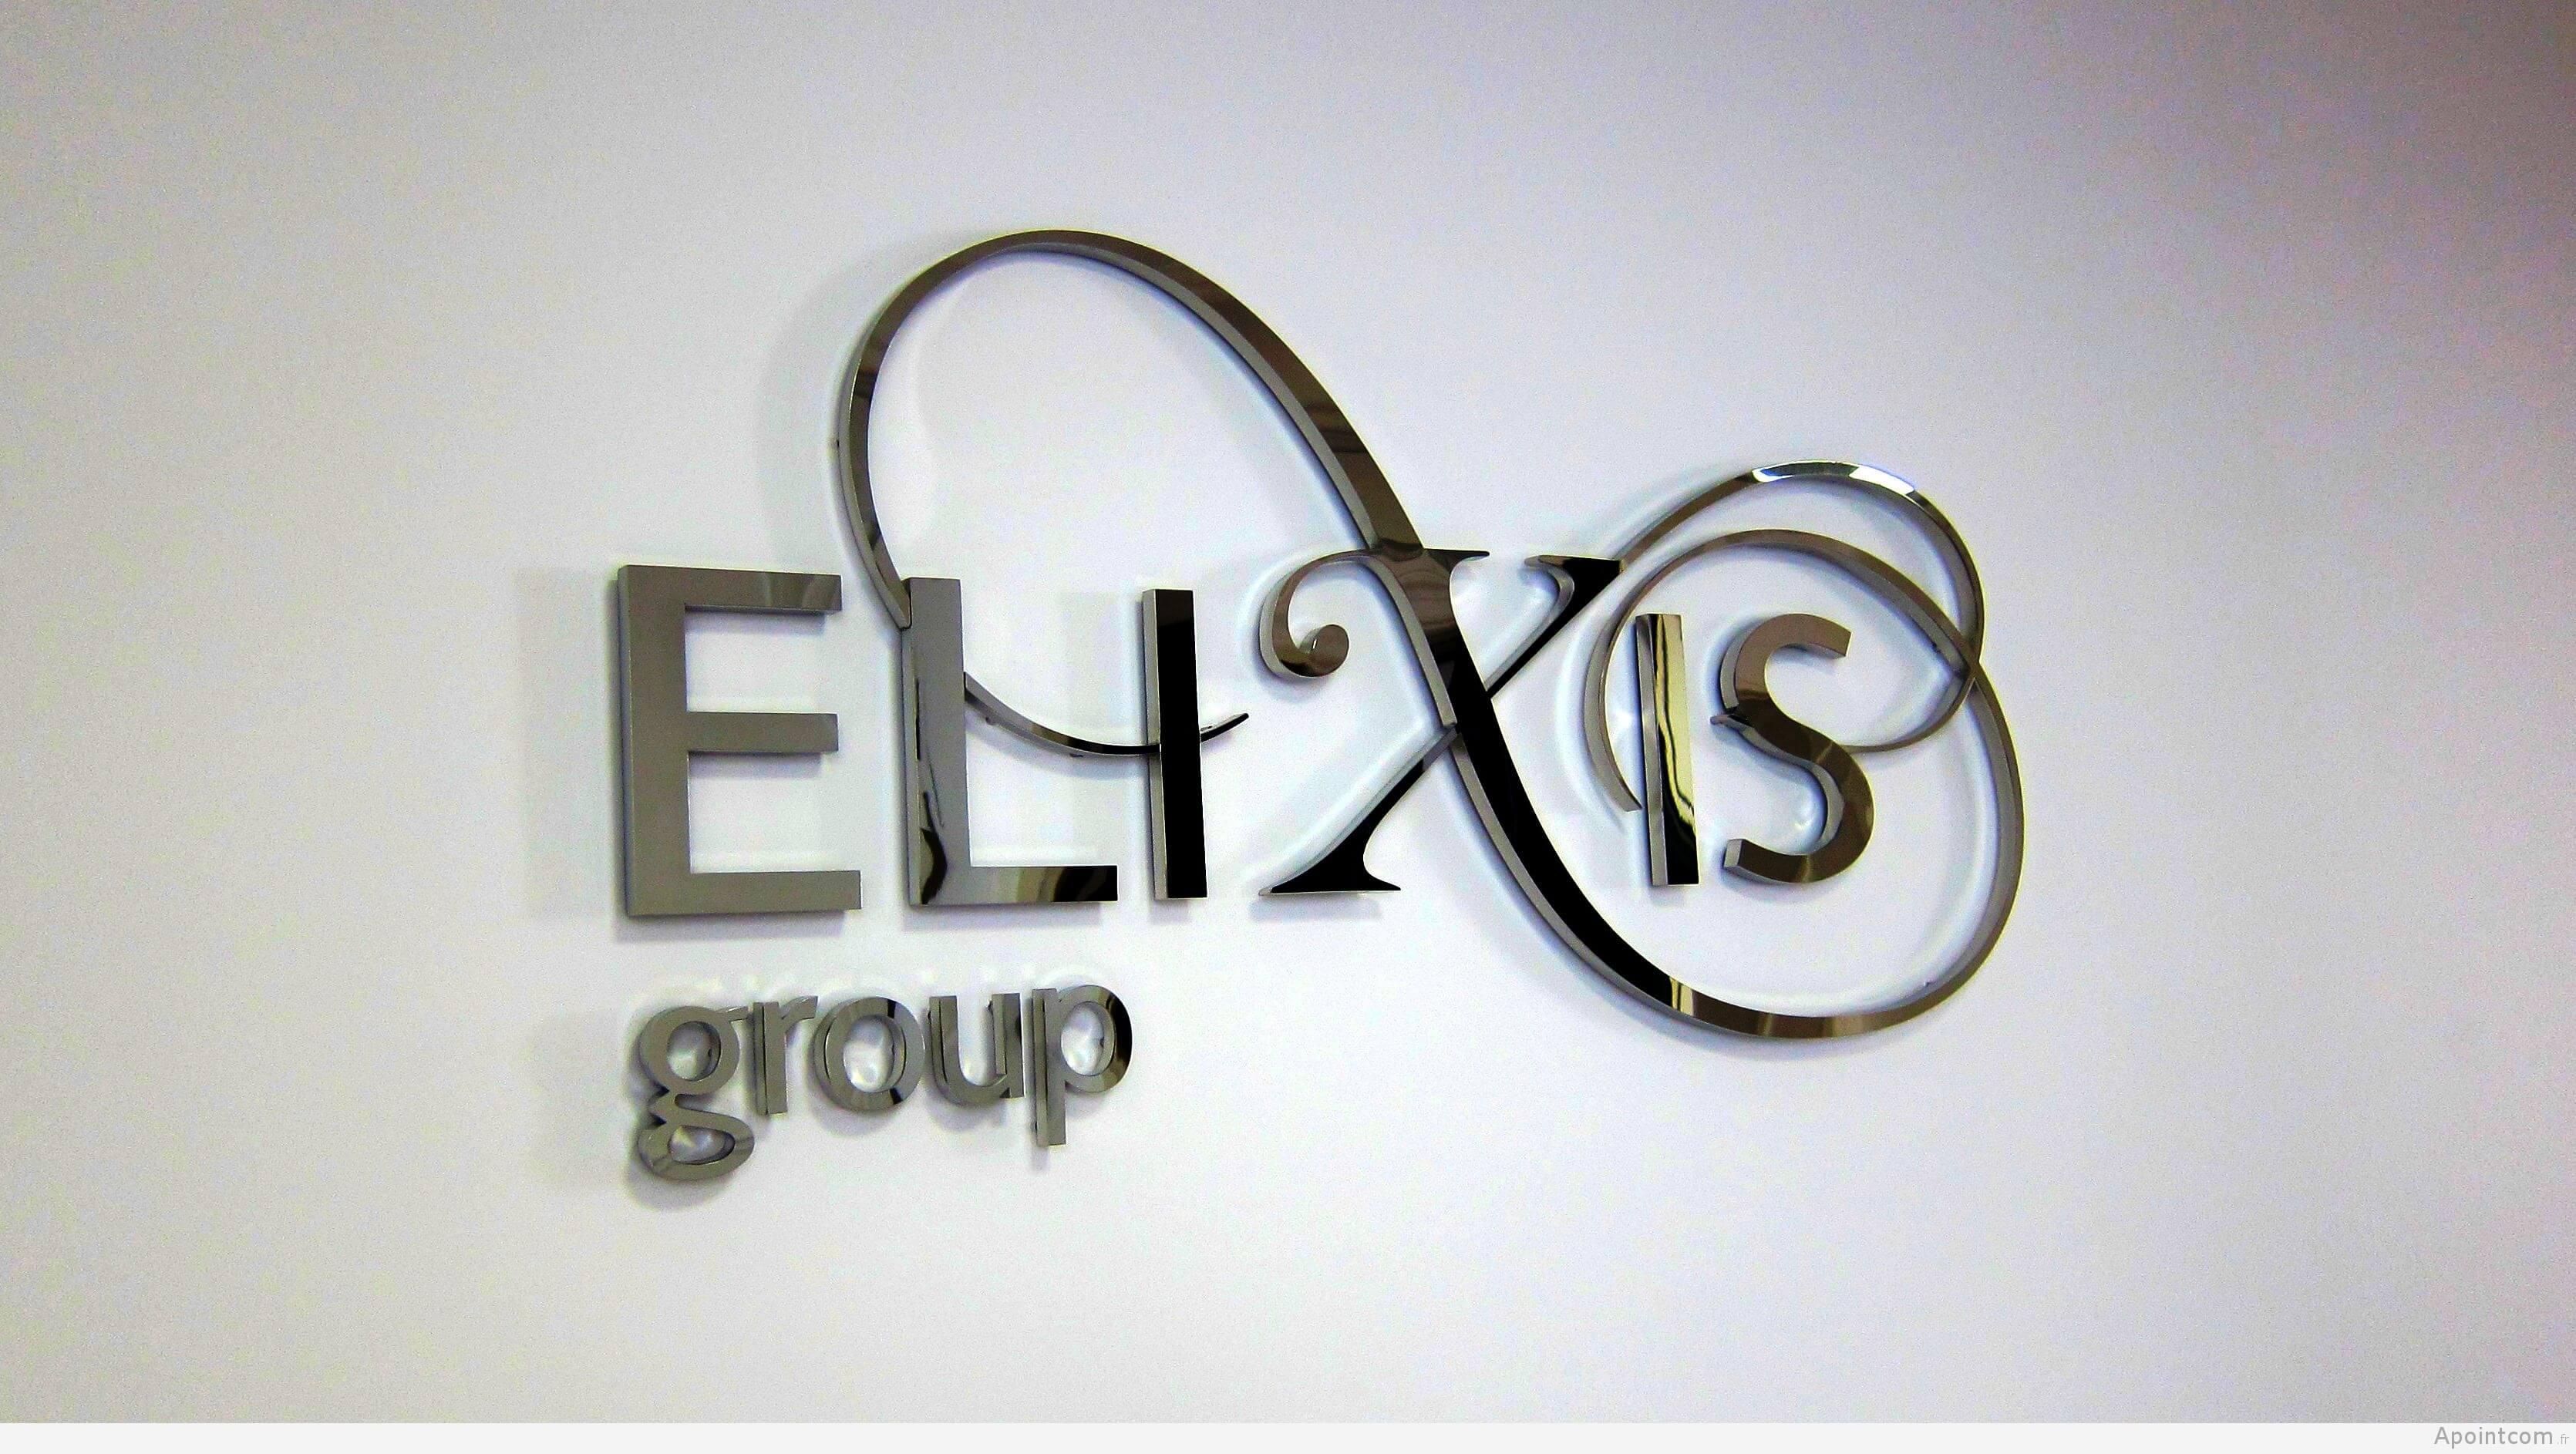 Logo inox poli miroir  pour ELIXIS group